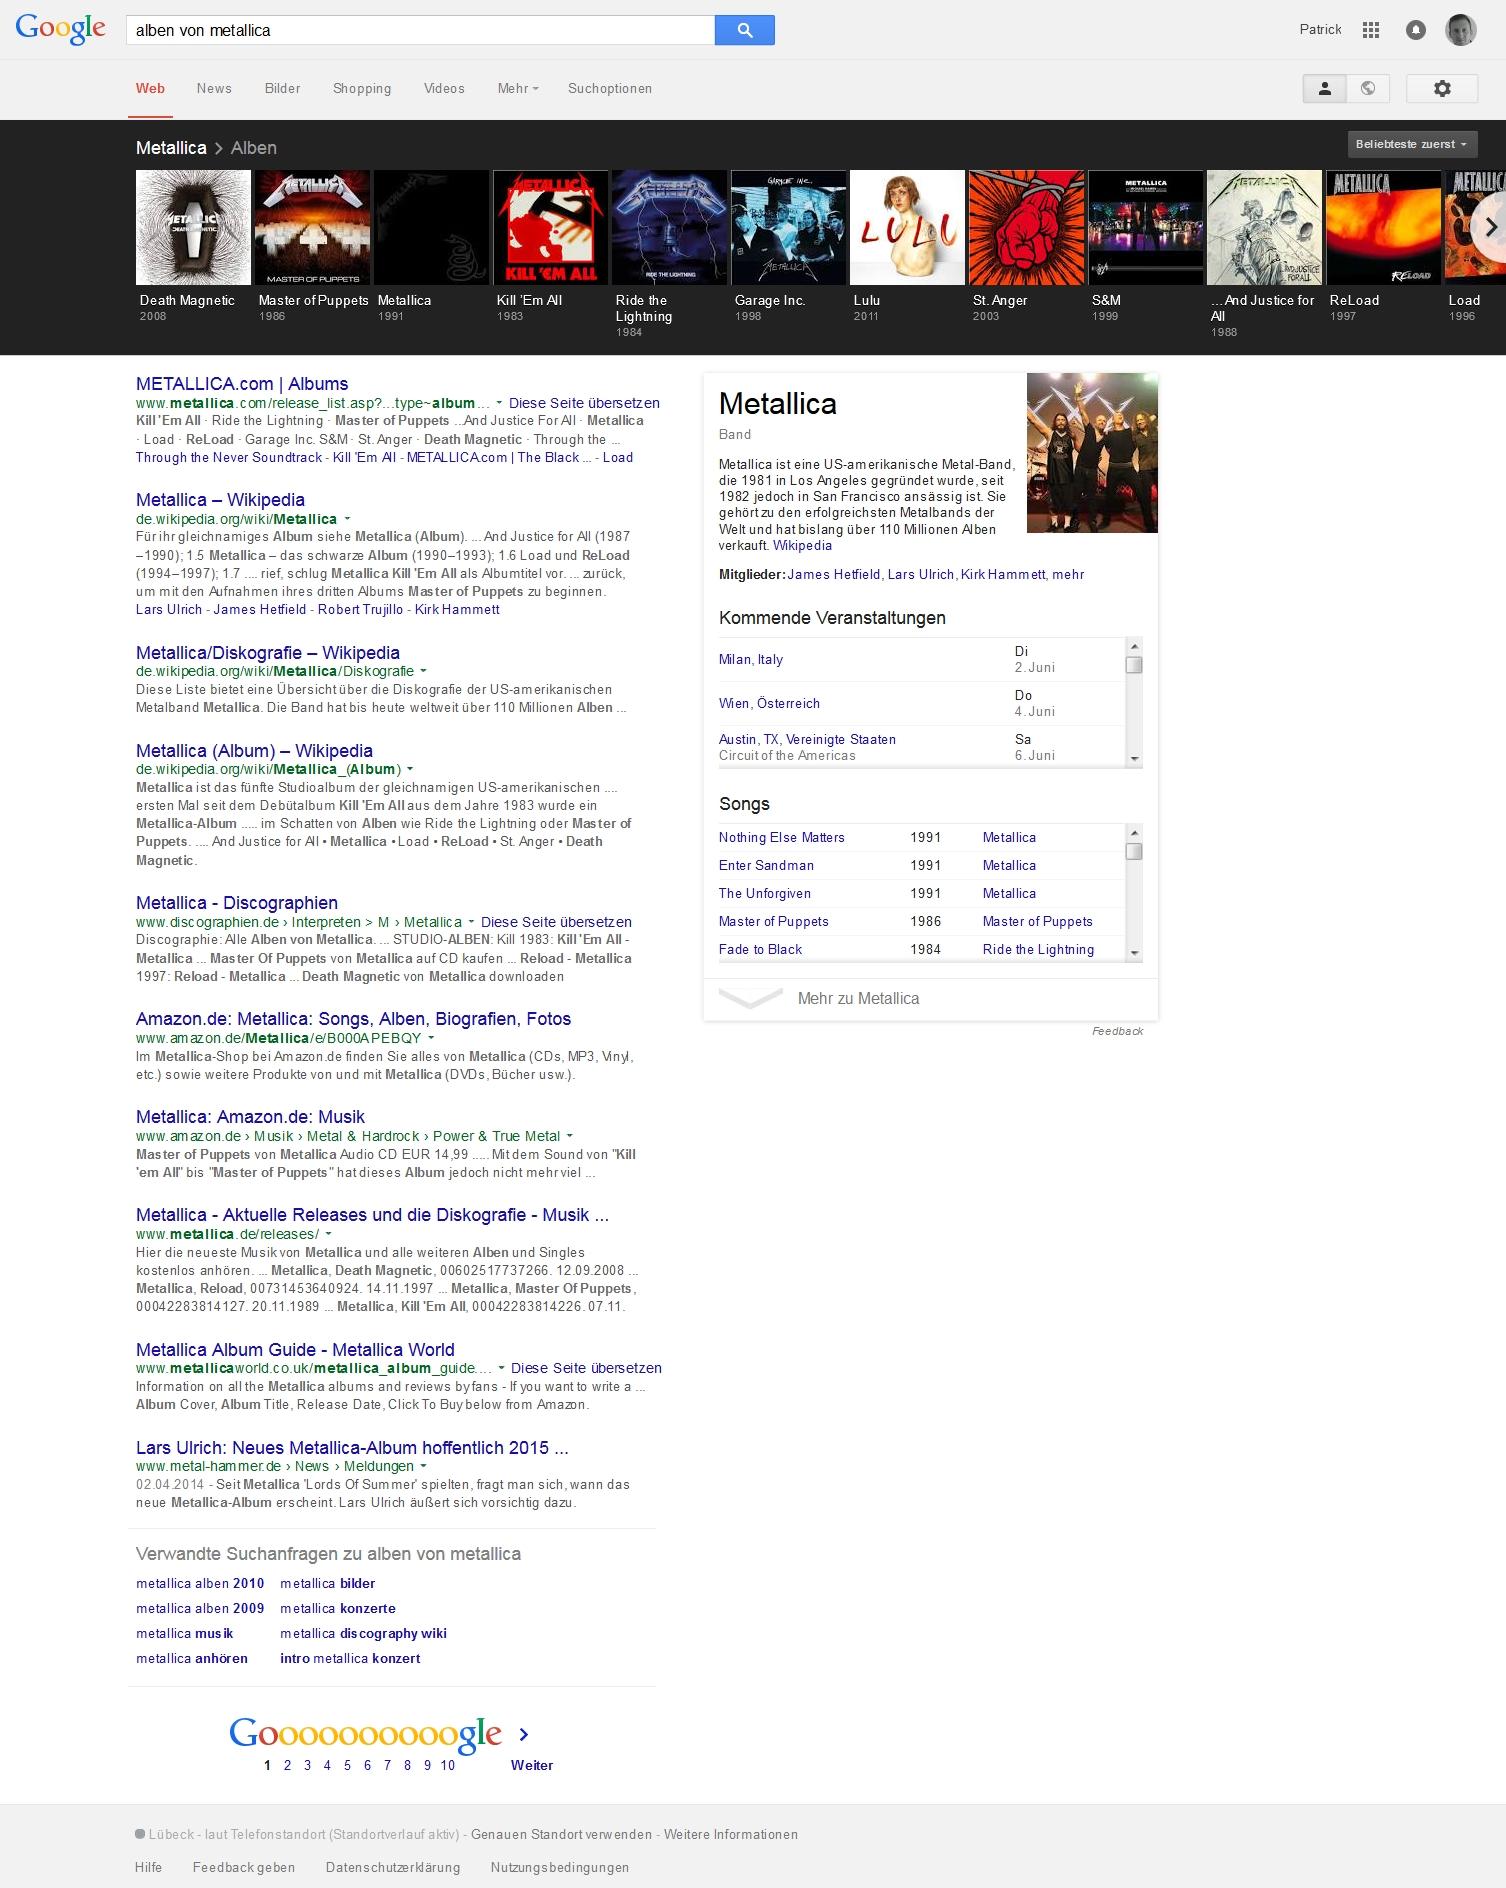 """Interaktive Suchergebnisse zum Suchbegriff """"Alben von Metallica"""" bei Google"""